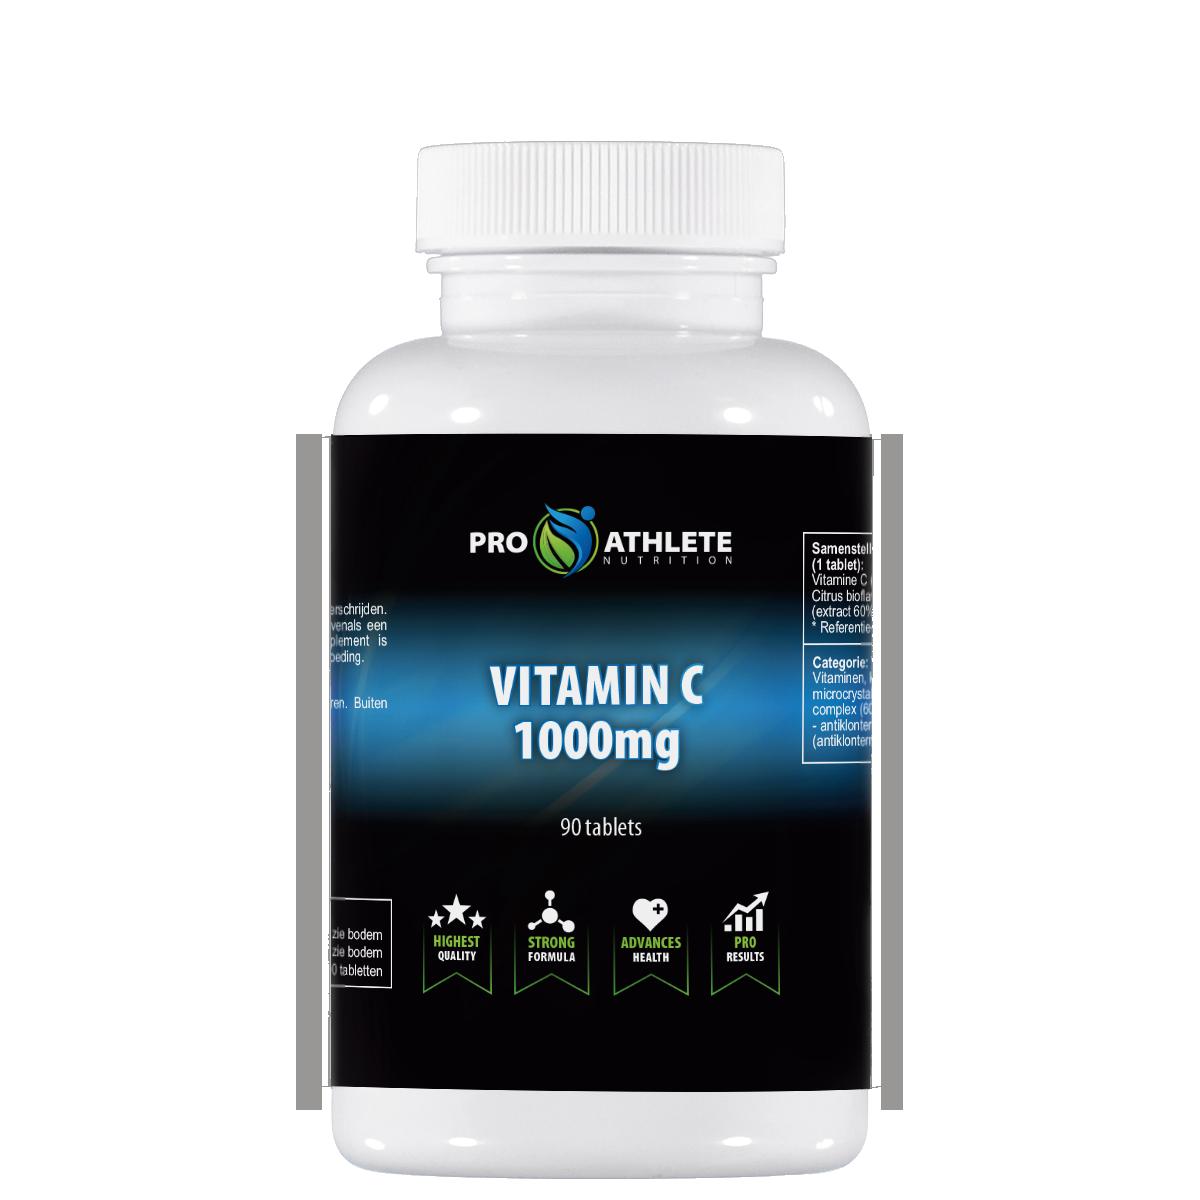 Vitamine-C1000mg